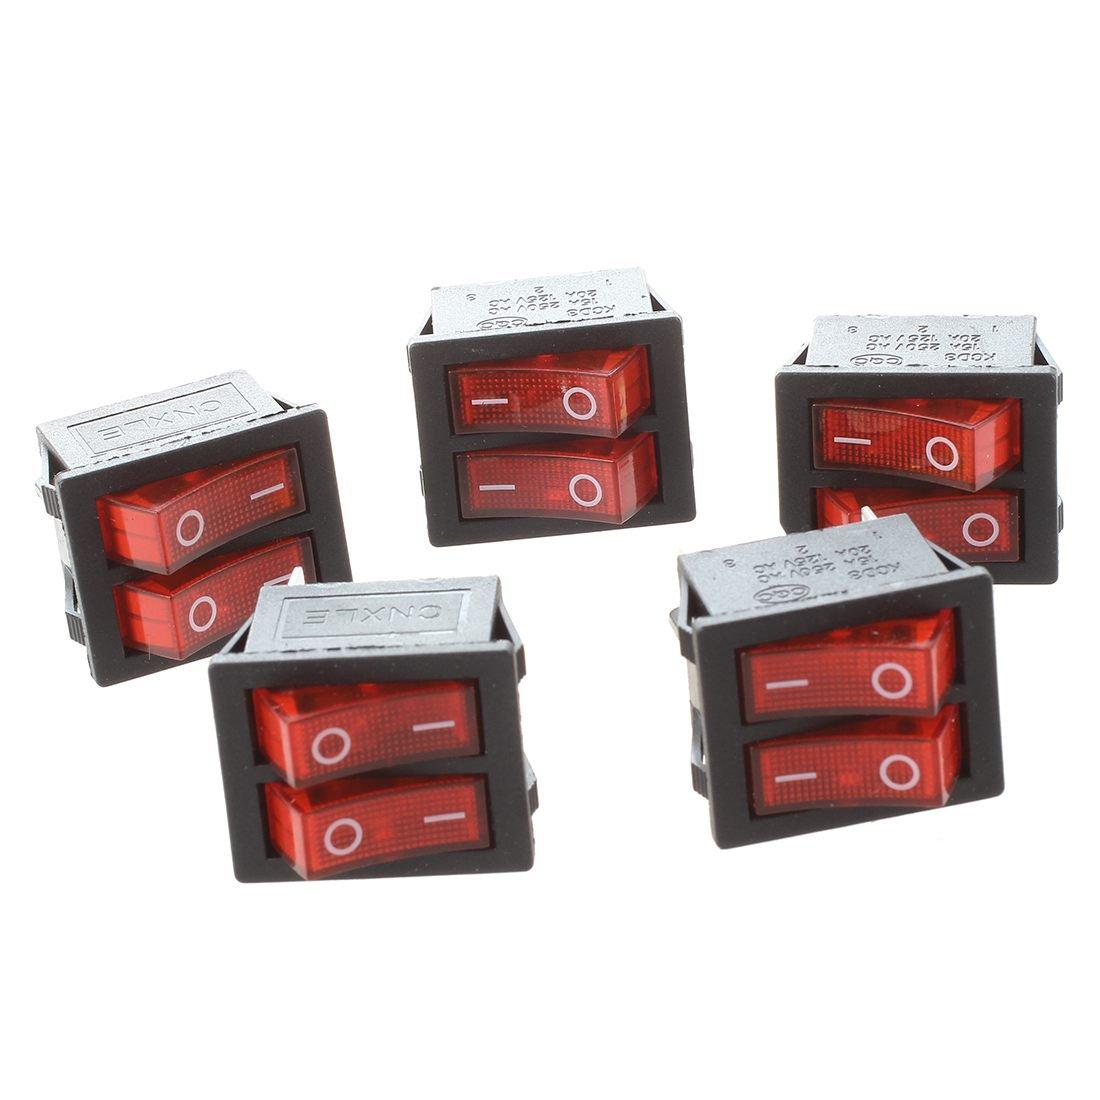 SODIAL(R) 5 piezas de x interruptores de eje de balancin con Luz Roja Iluminada SPST Doble Encendido / Apagado en forma de barco 6 Pin 040586